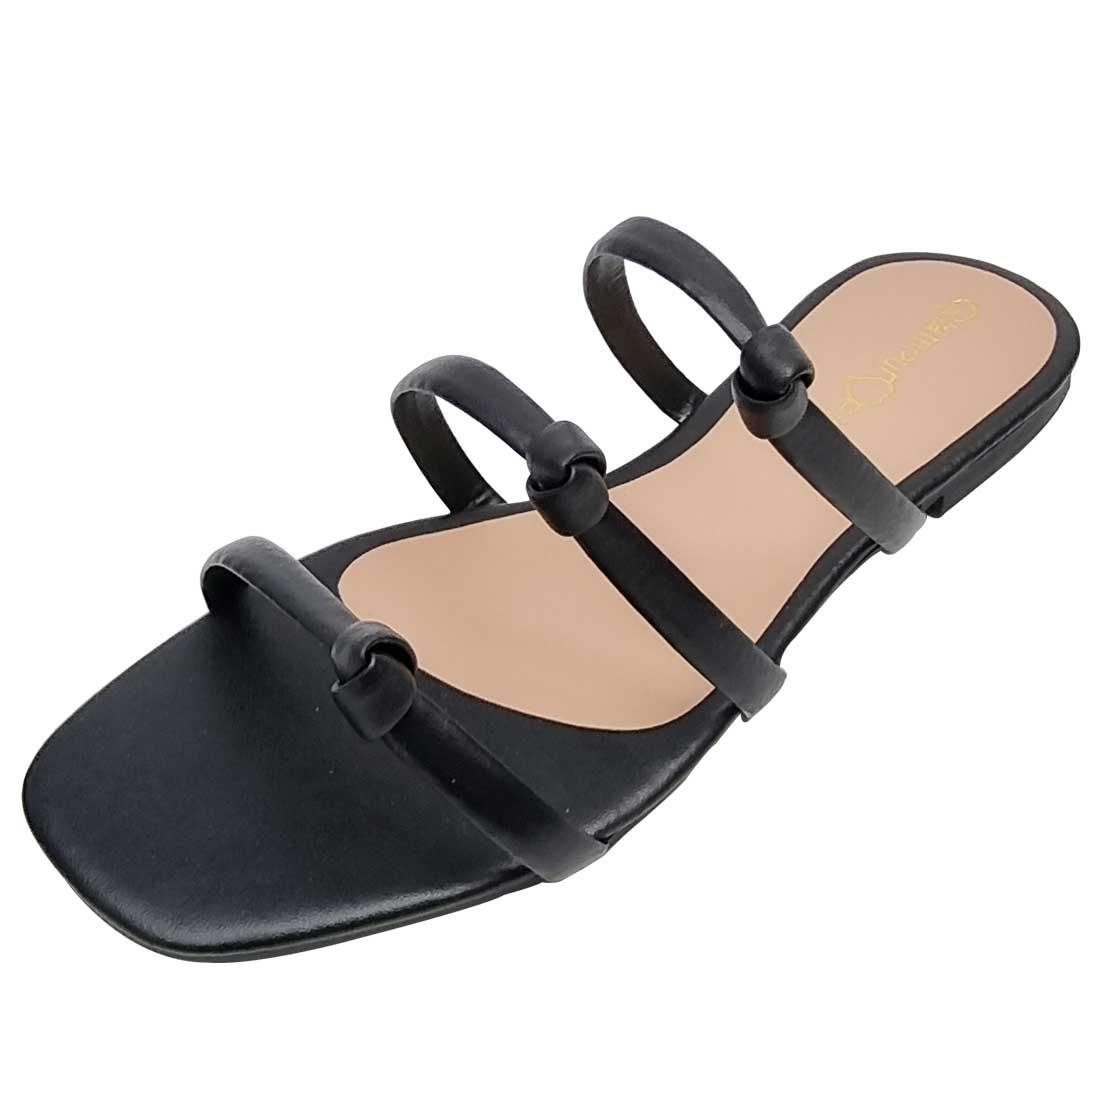 Sandália Salto Baixo com Tiras Nózinho - Preto